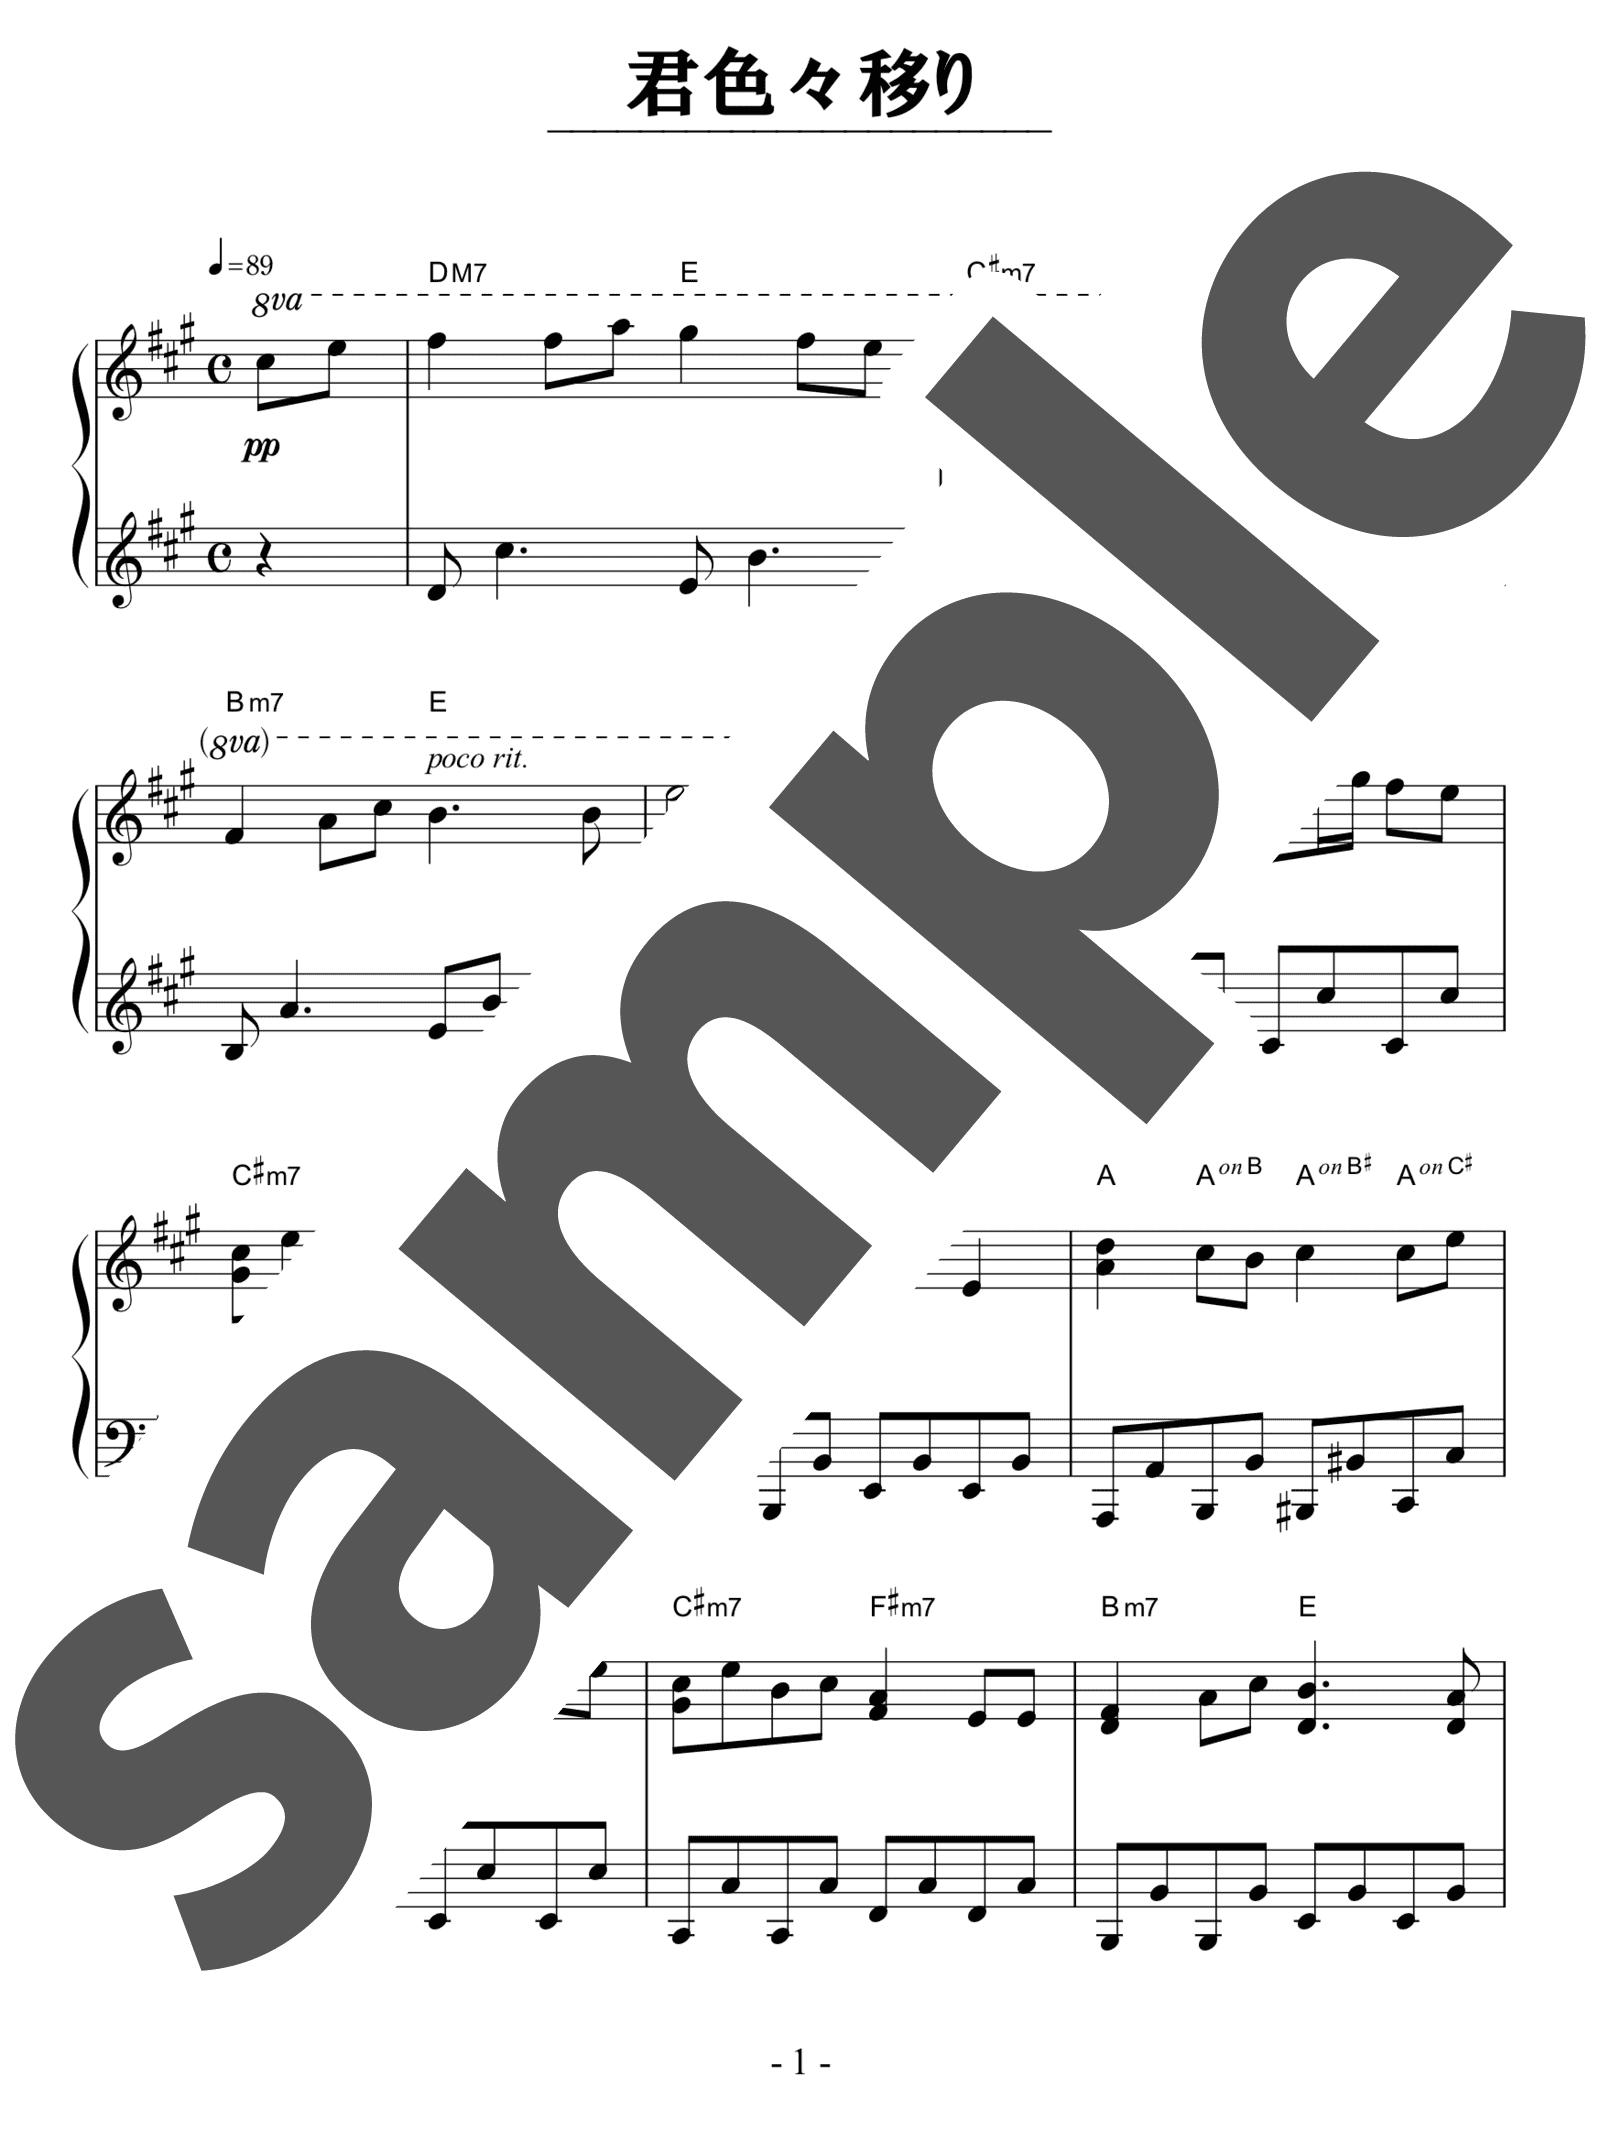 「君色々移り」のサンプル楽譜